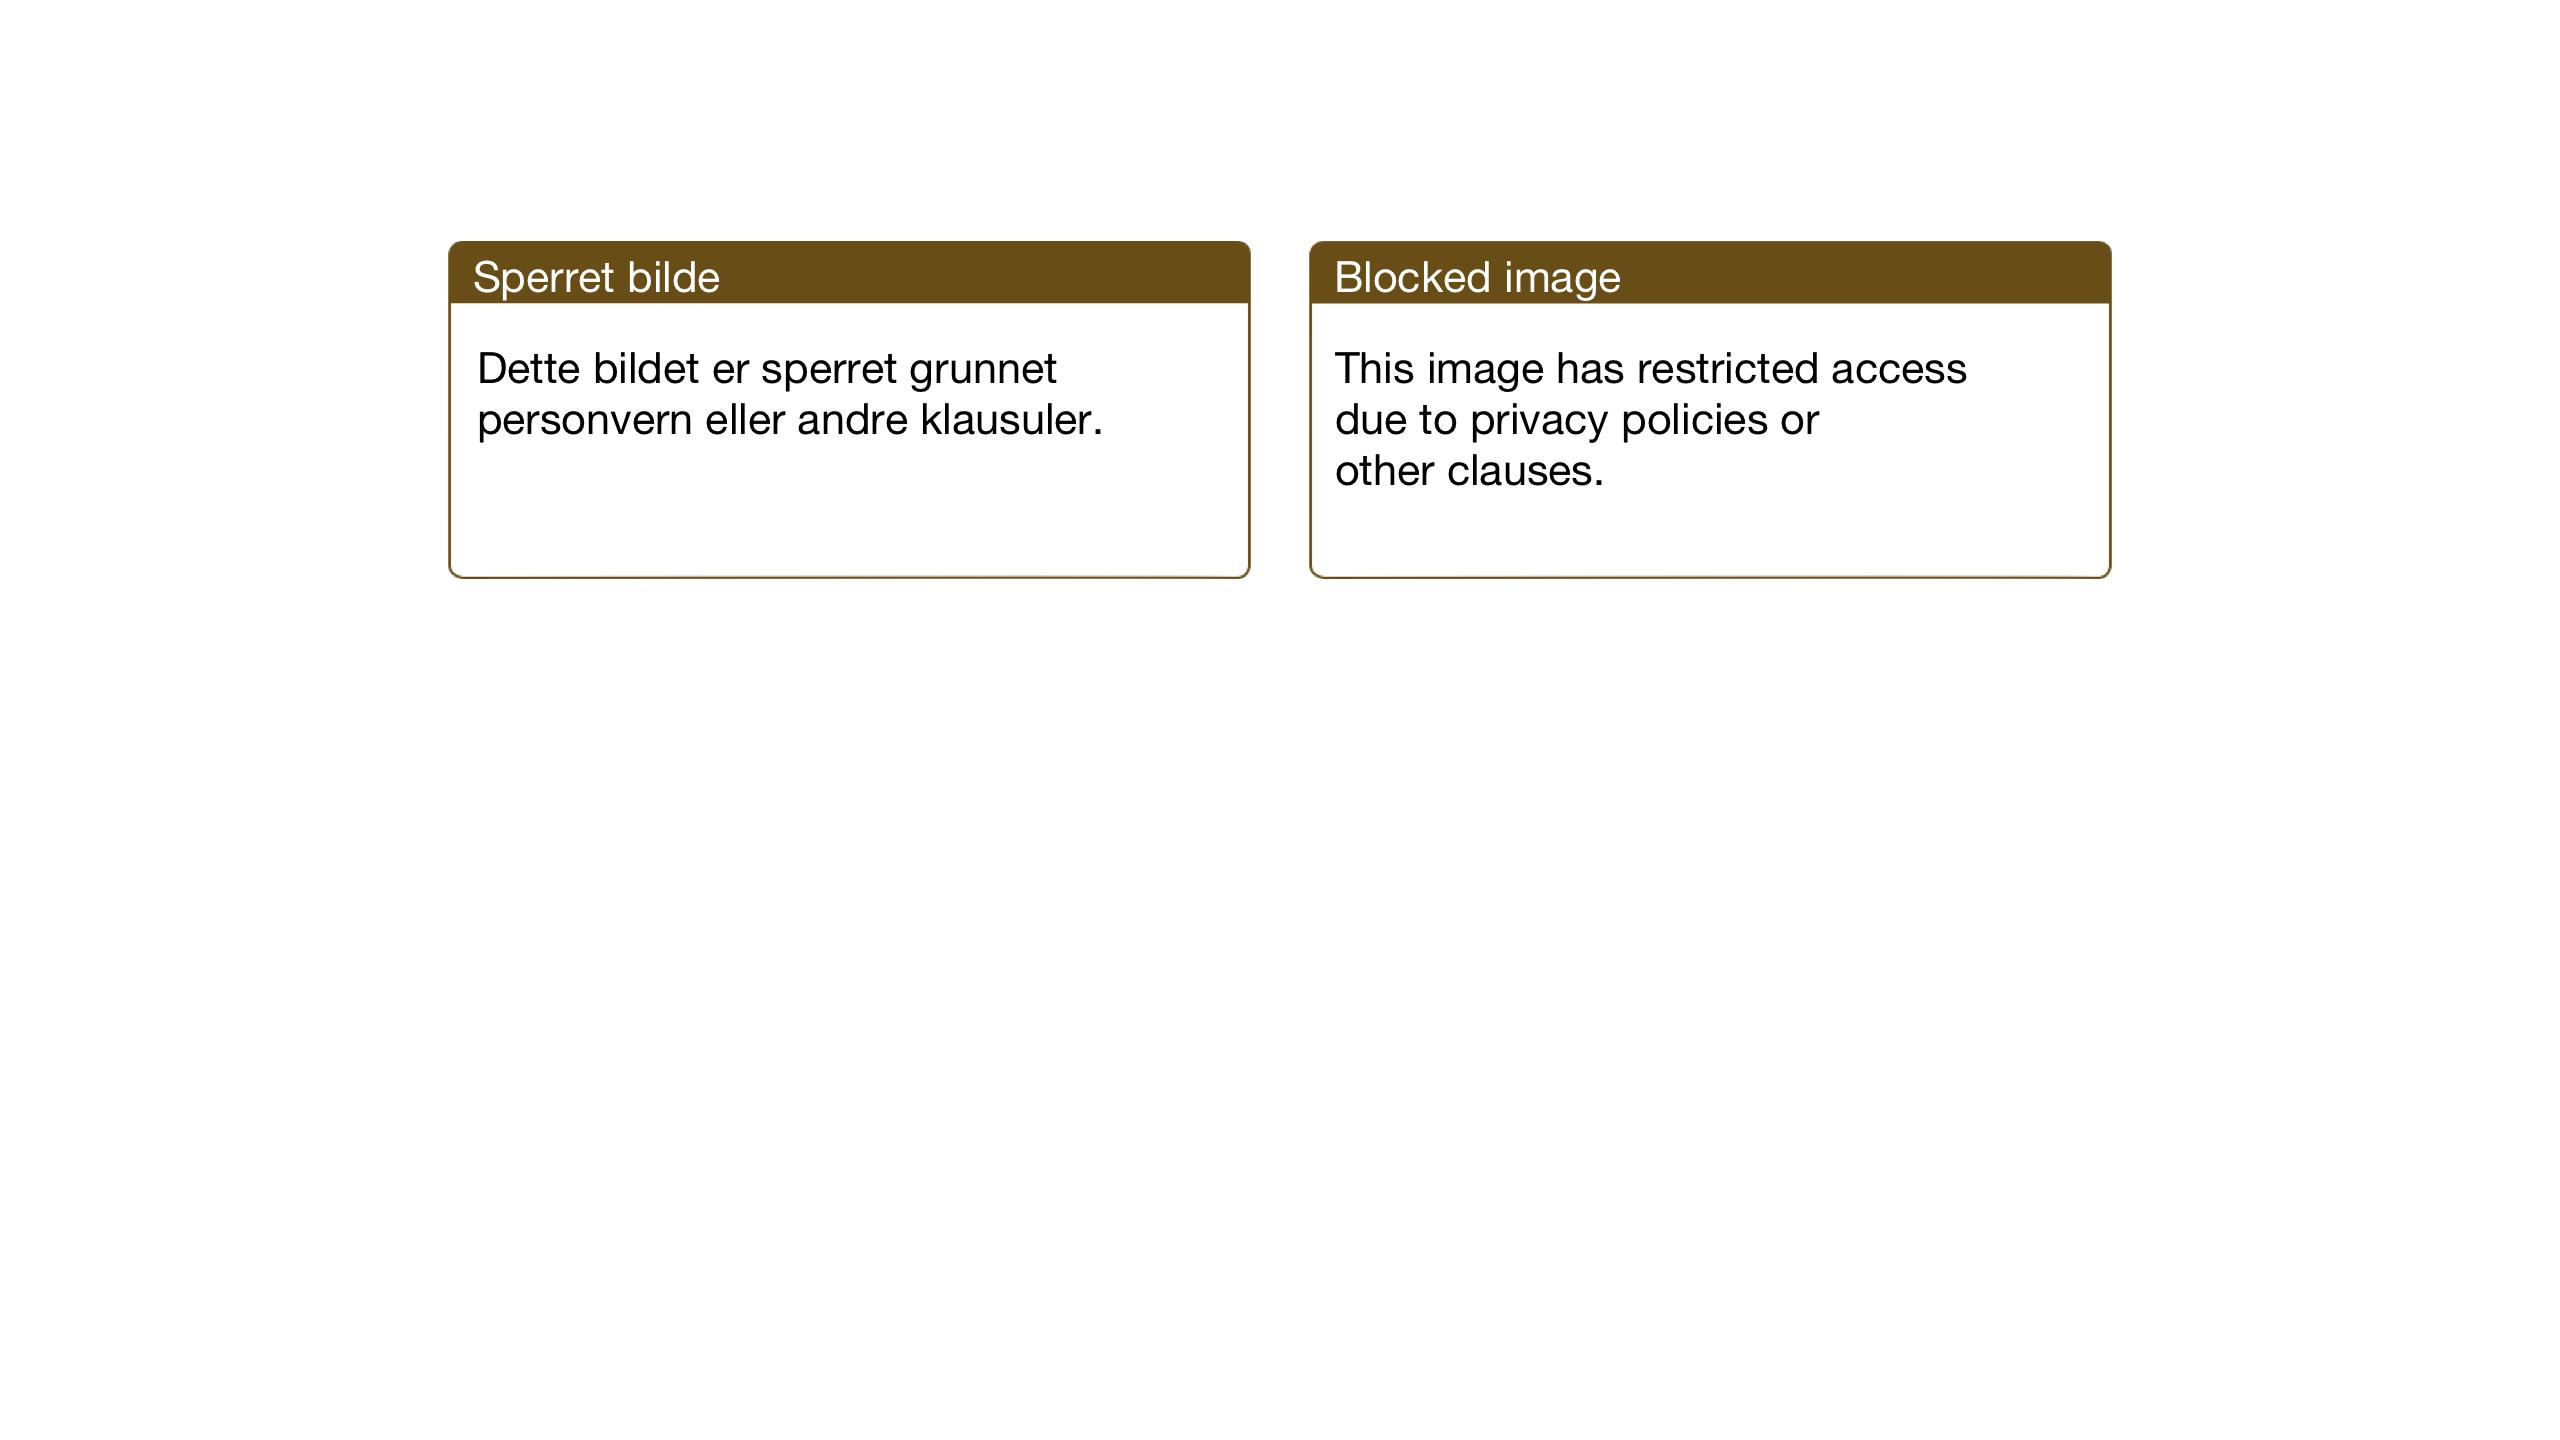 SAT, Ministerialprotokoller, klokkerbøker og fødselsregistre - Sør-Trøndelag, 682/L0947: Klokkerbok nr. 682C01, 1926-1968, s. 139